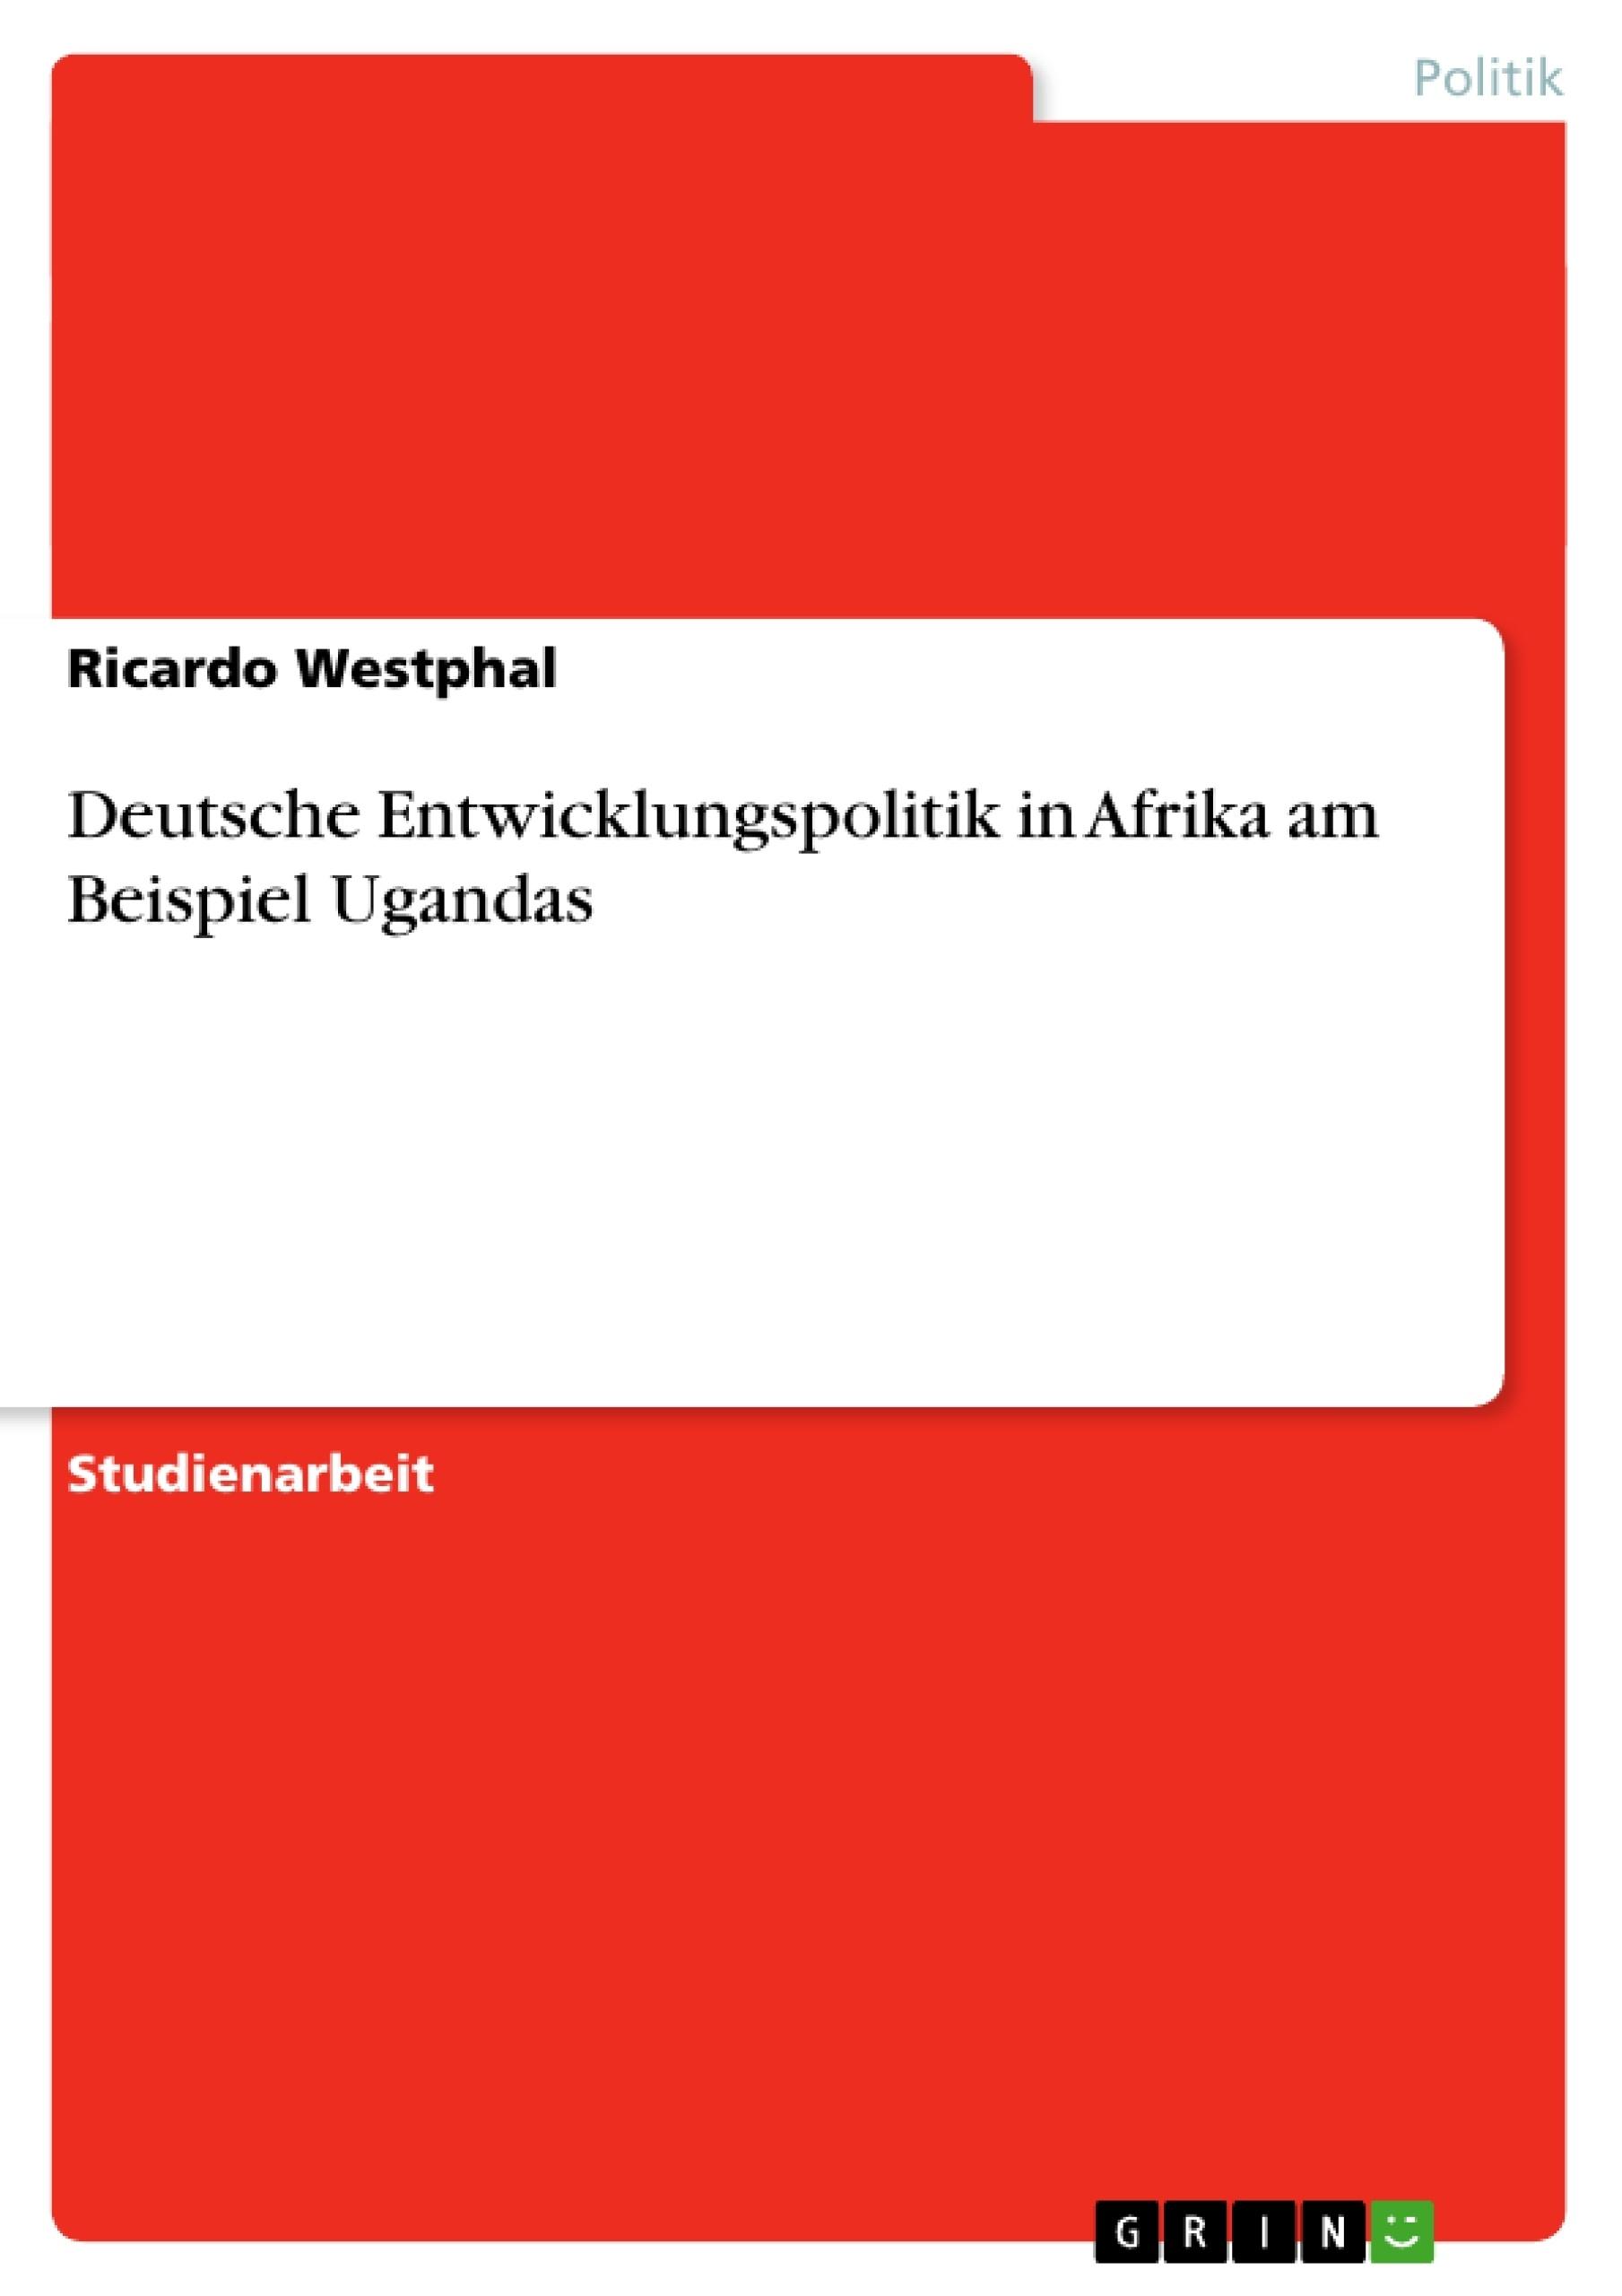 Titel: Deutsche Entwicklungspolitik in Afrika am Beispiel Ugandas